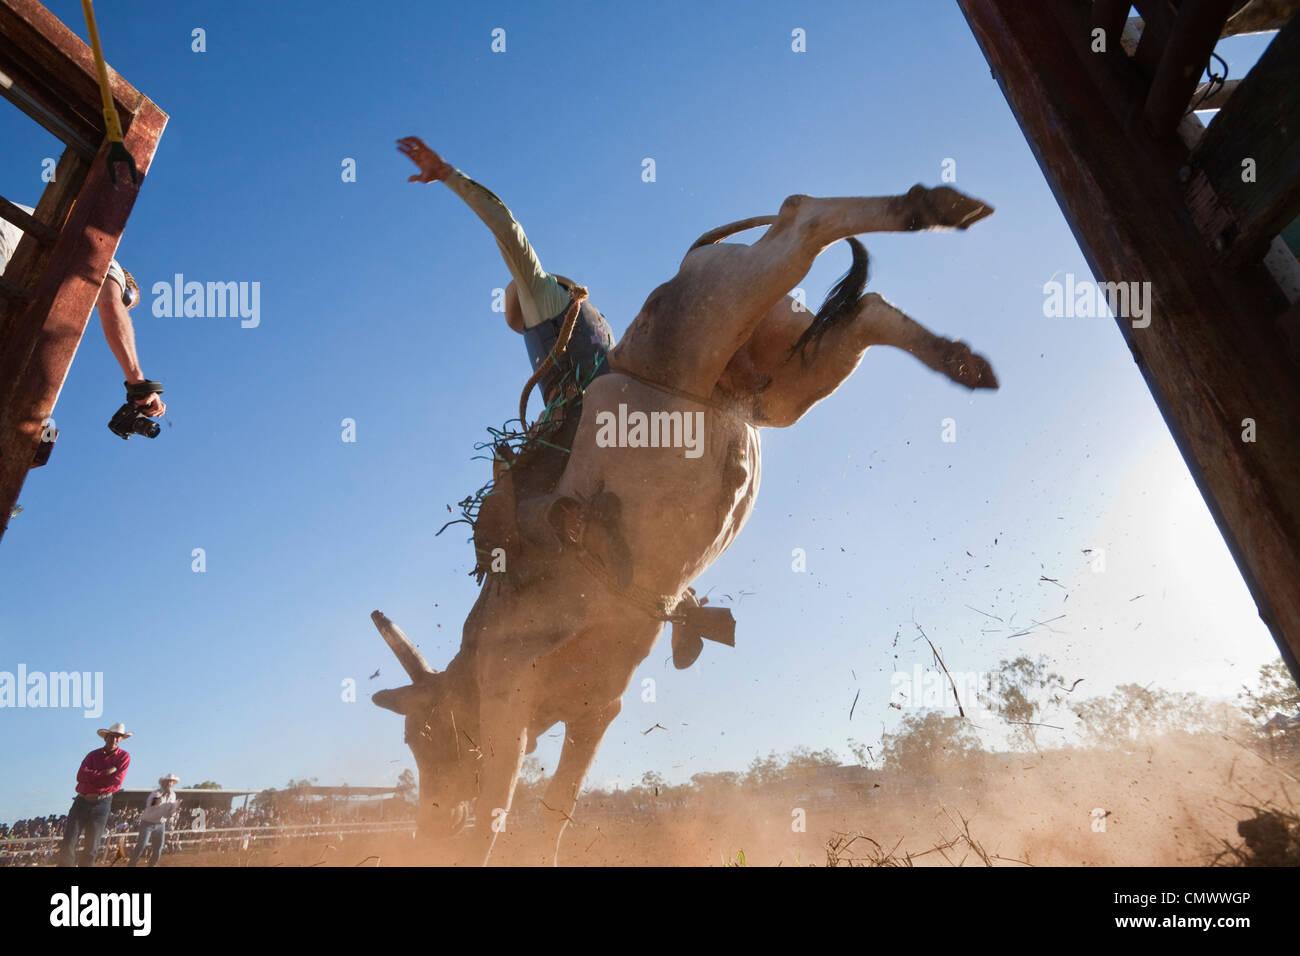 Basso angolo vista di bull rider entrando in arena. Mt Garnet Rodeo, Mt Granato, Queensland, Australia Immagini Stock